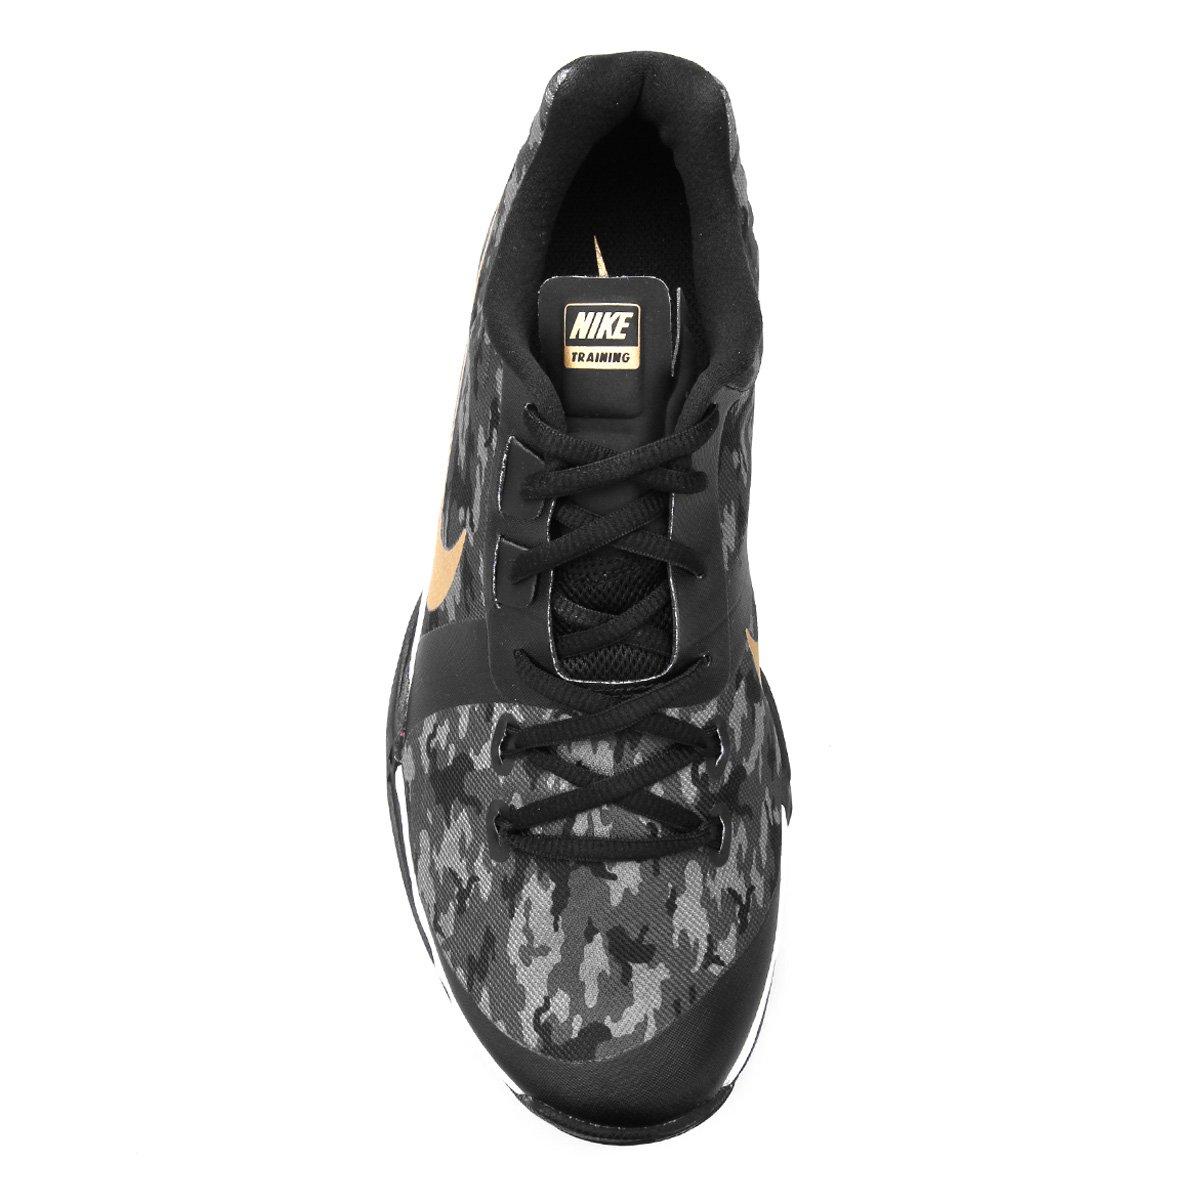 ce2f63c96d8d2 Tênis Nike Train Prime Iron Df Sp Masculino - Compre Agora